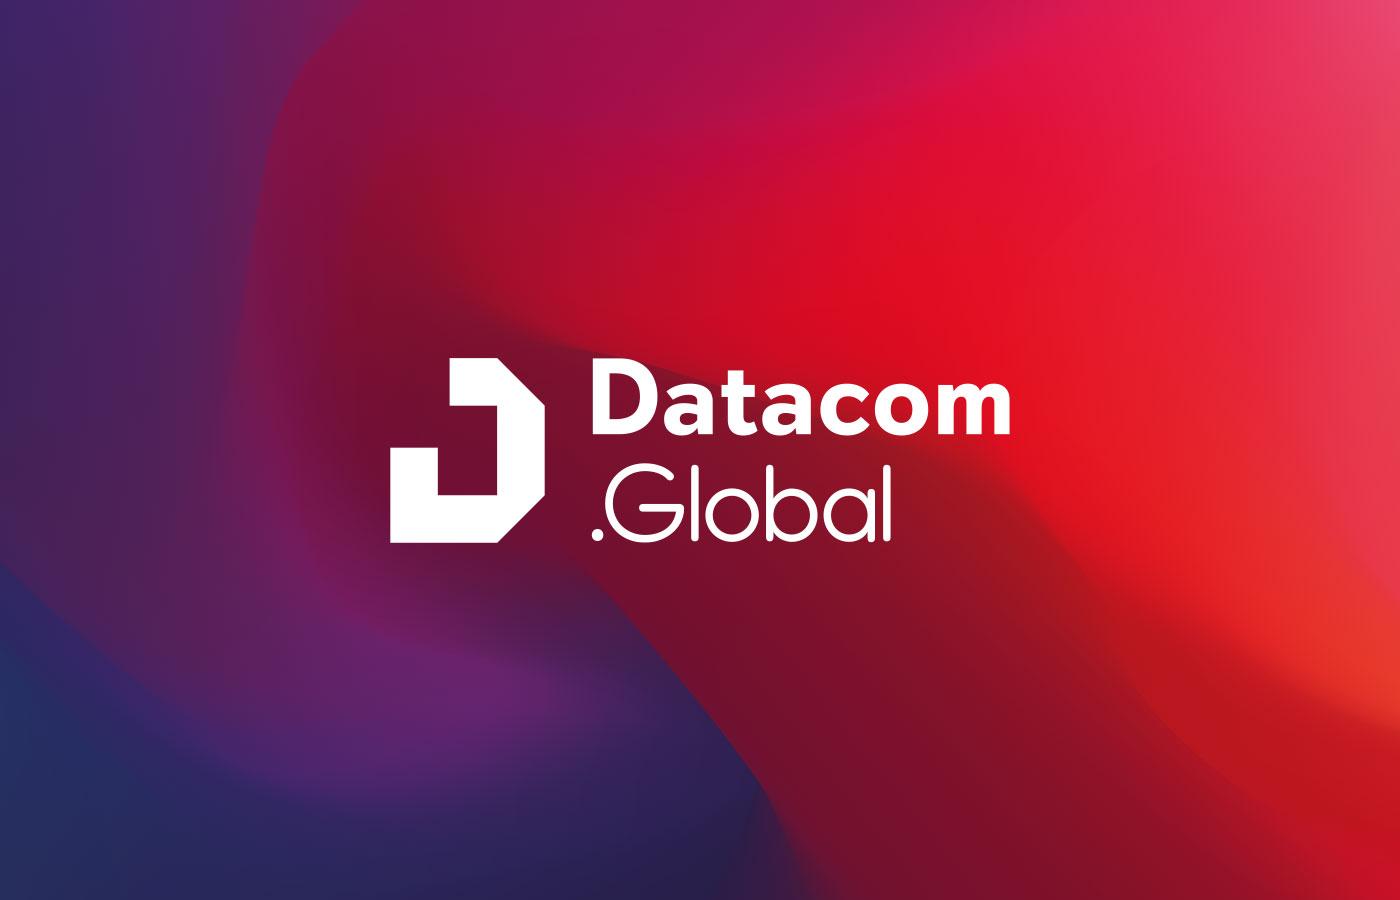 Datacom.Global evoluciona para ayudar a las empresas a superar sus retos tecnológicos